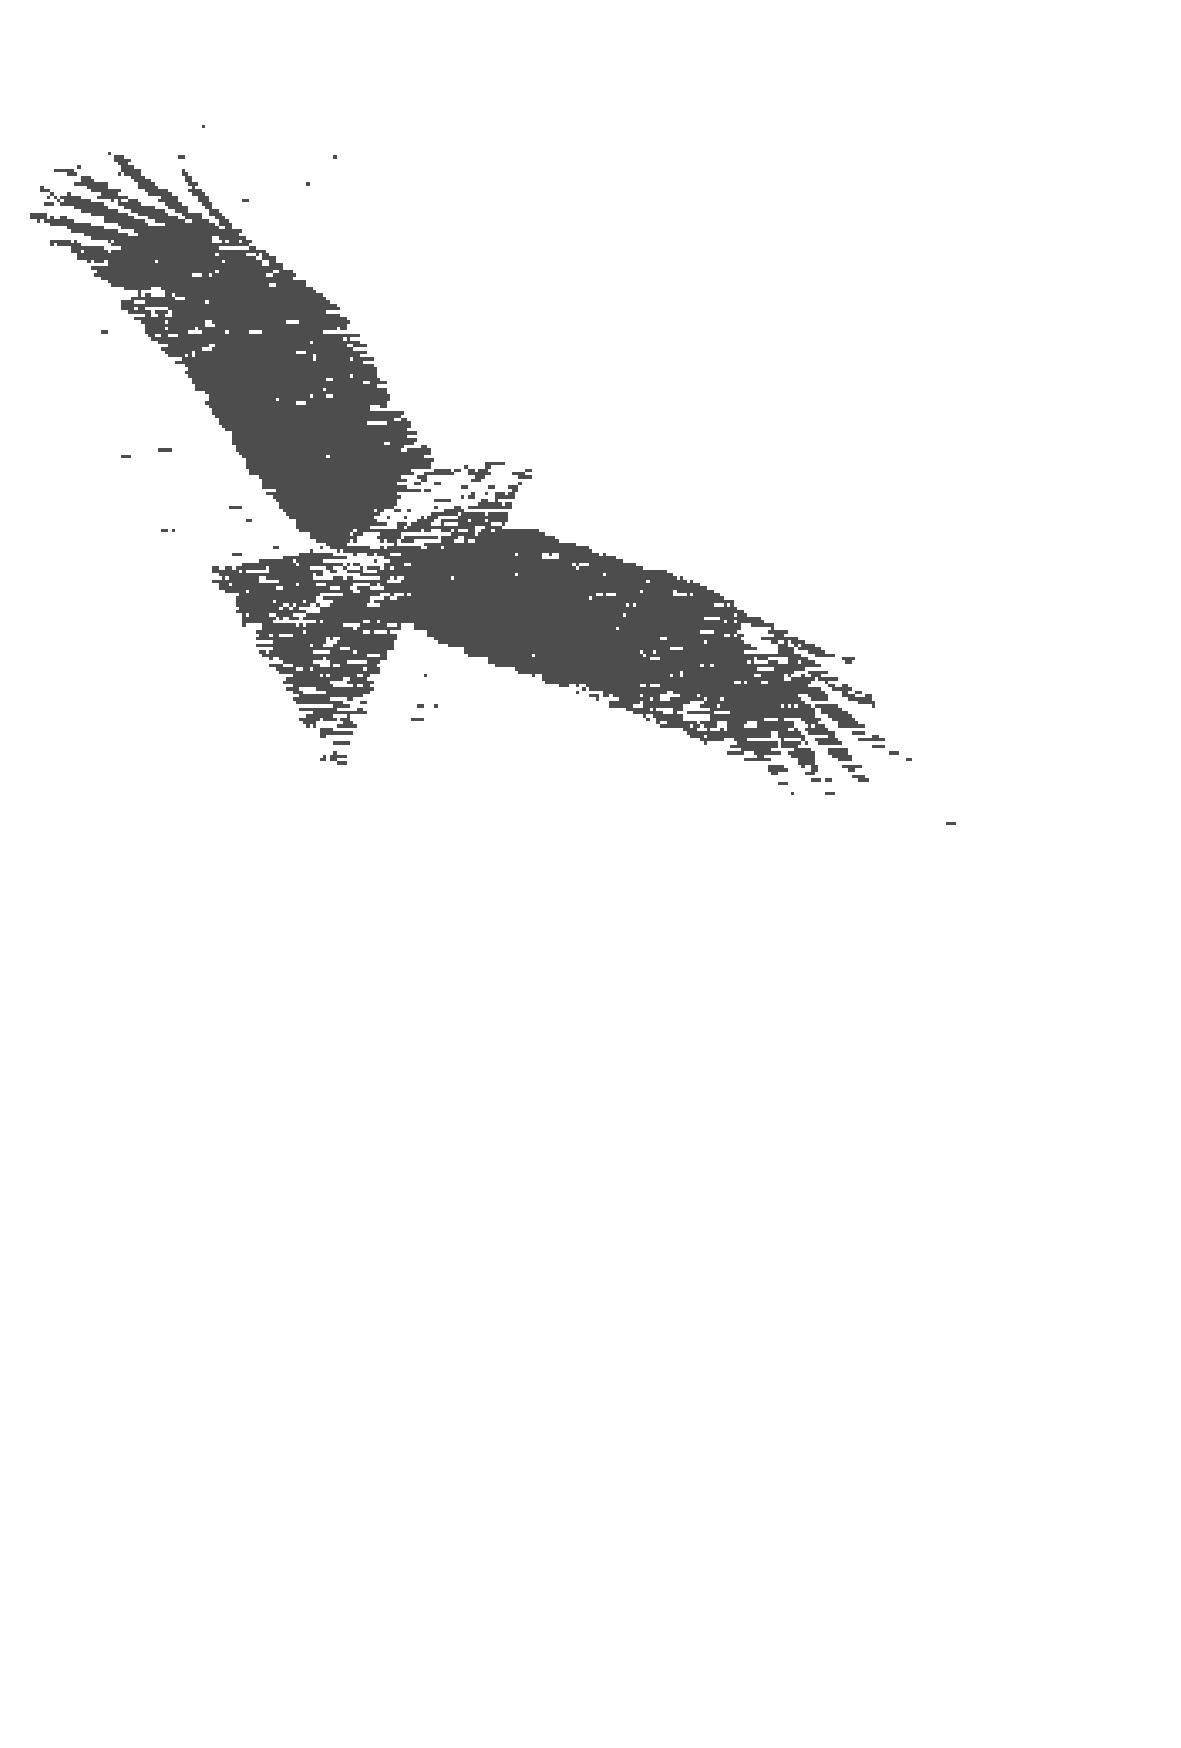 大きく羽を広げた鳥のイラストつき(文字なし)